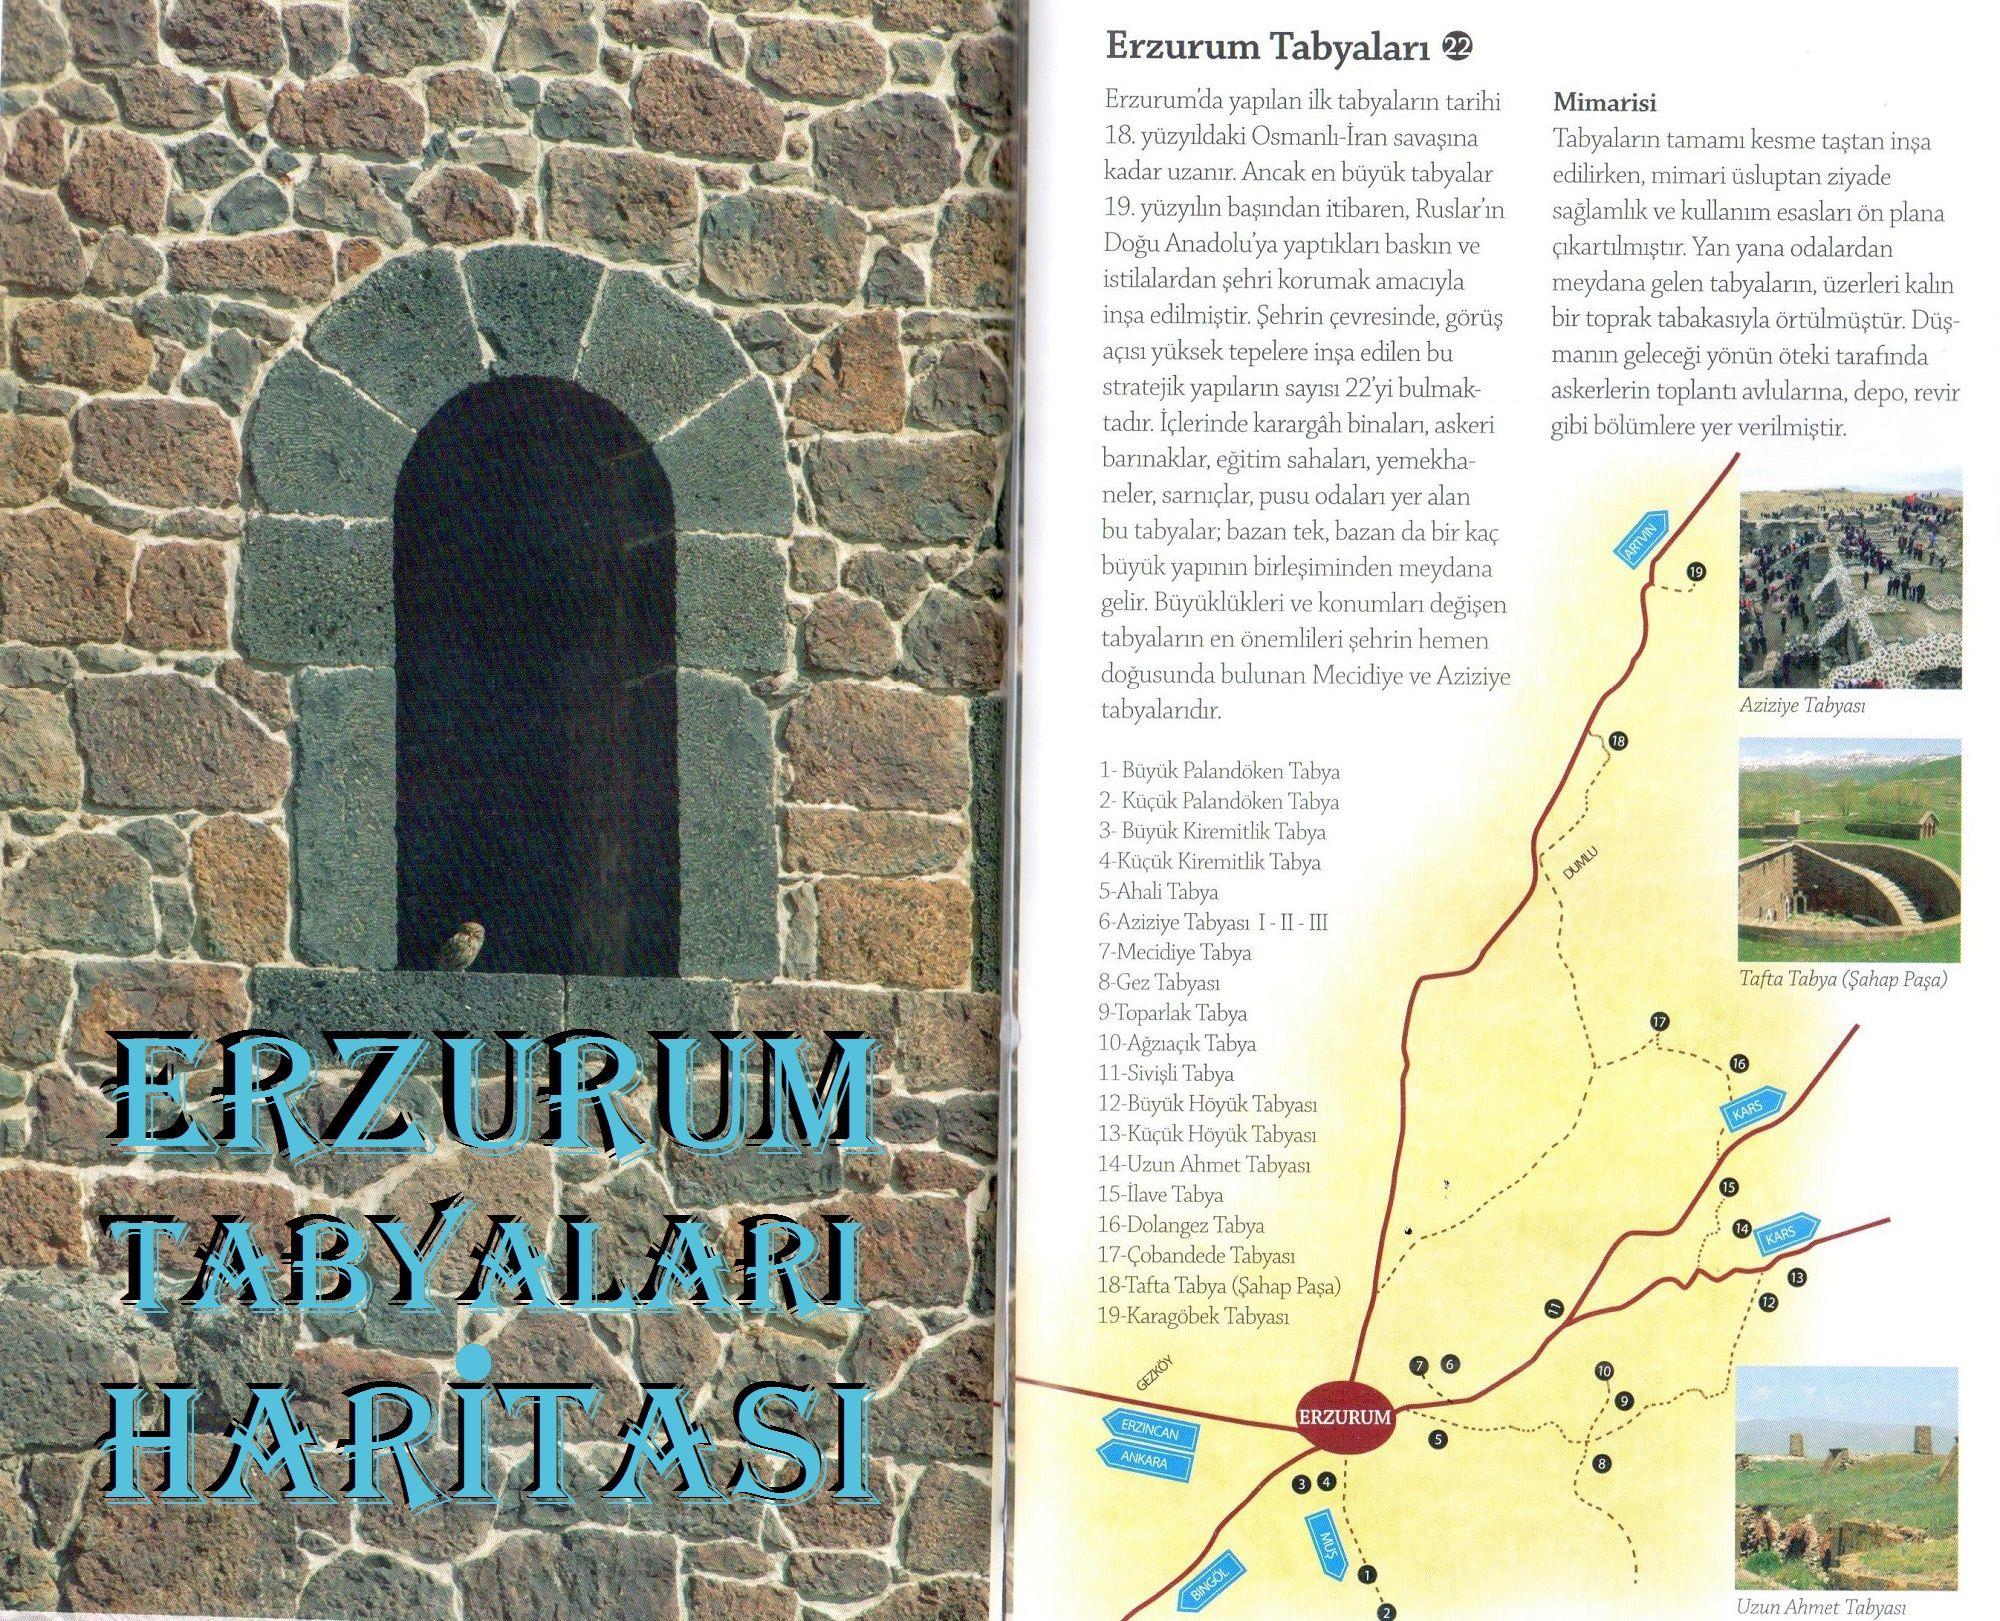 Erzurum Tabyaları Haritası